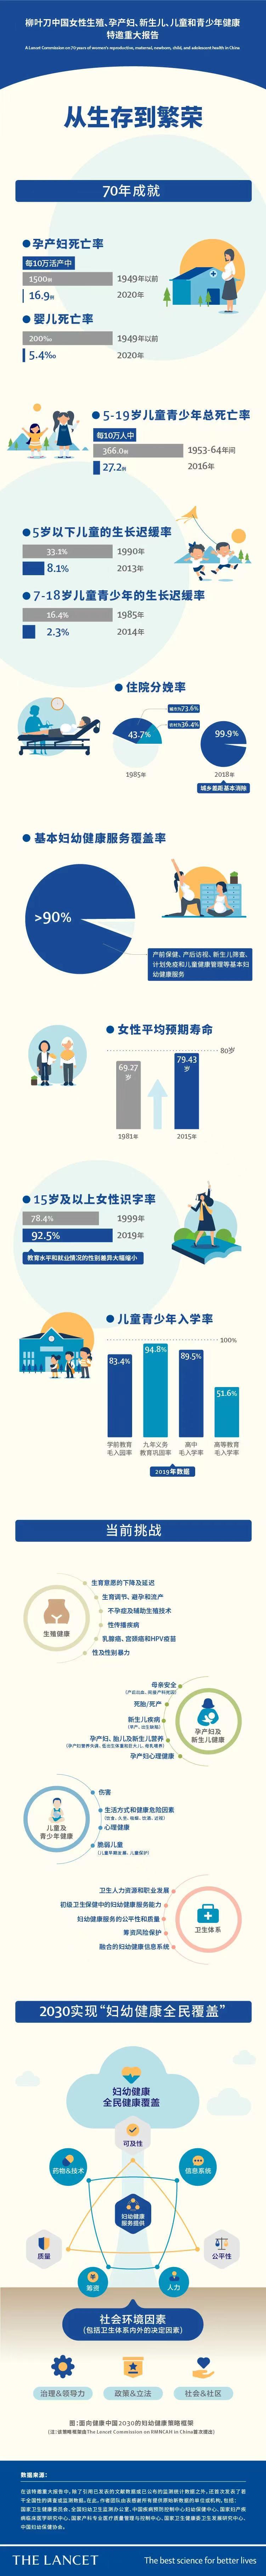 柳叶刀重大报告:中国妇幼健康七十年